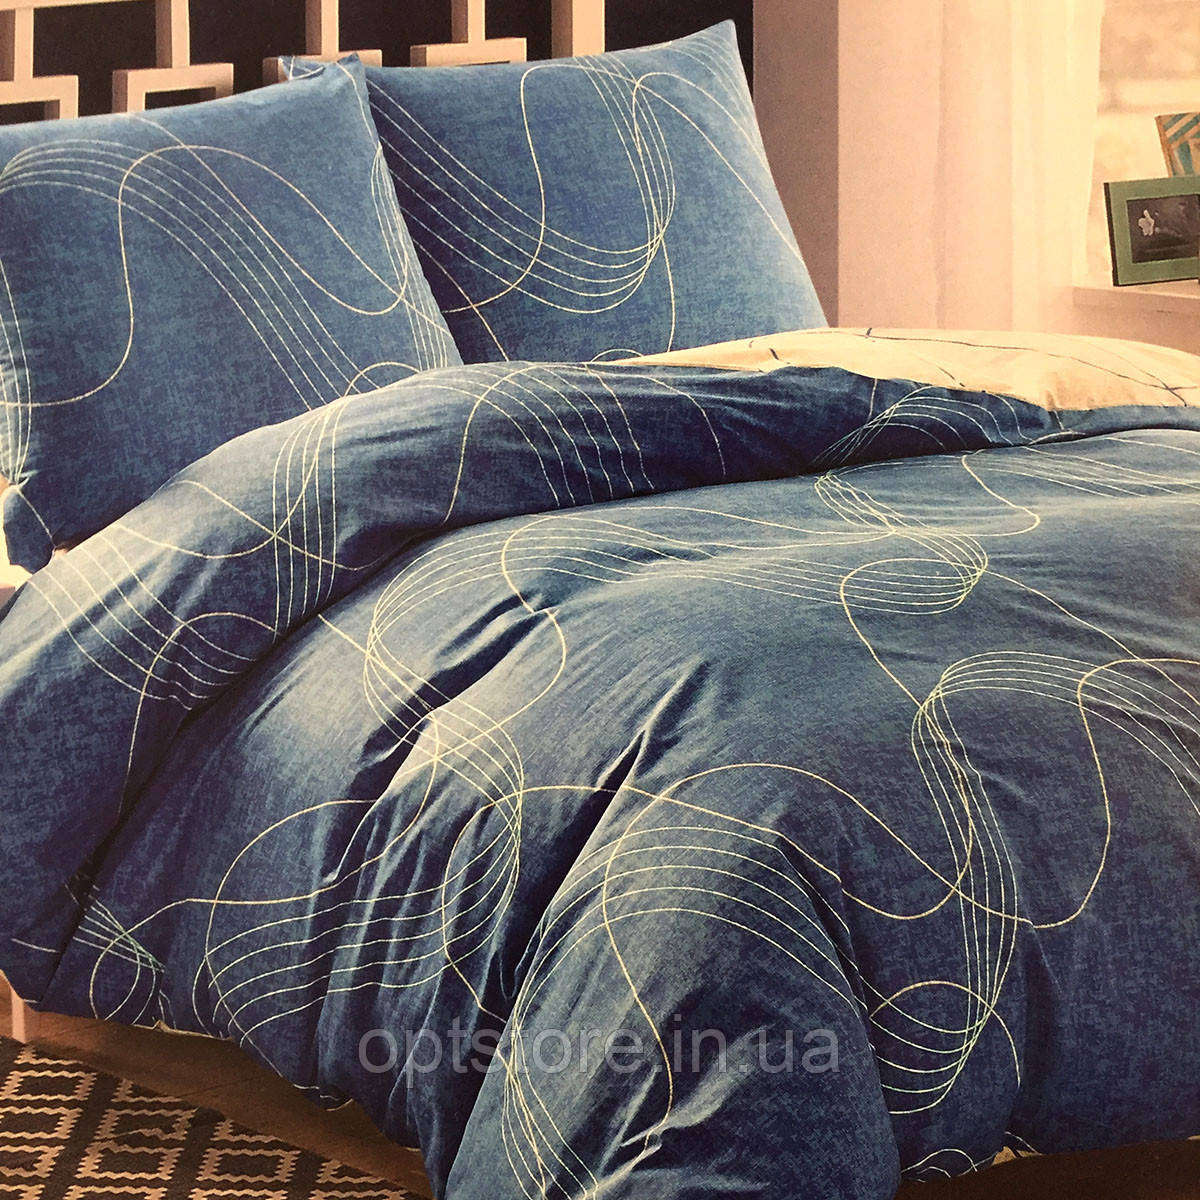 Семейный комплект постельного белья Elway Premium,ткань сатин 100% хлопок